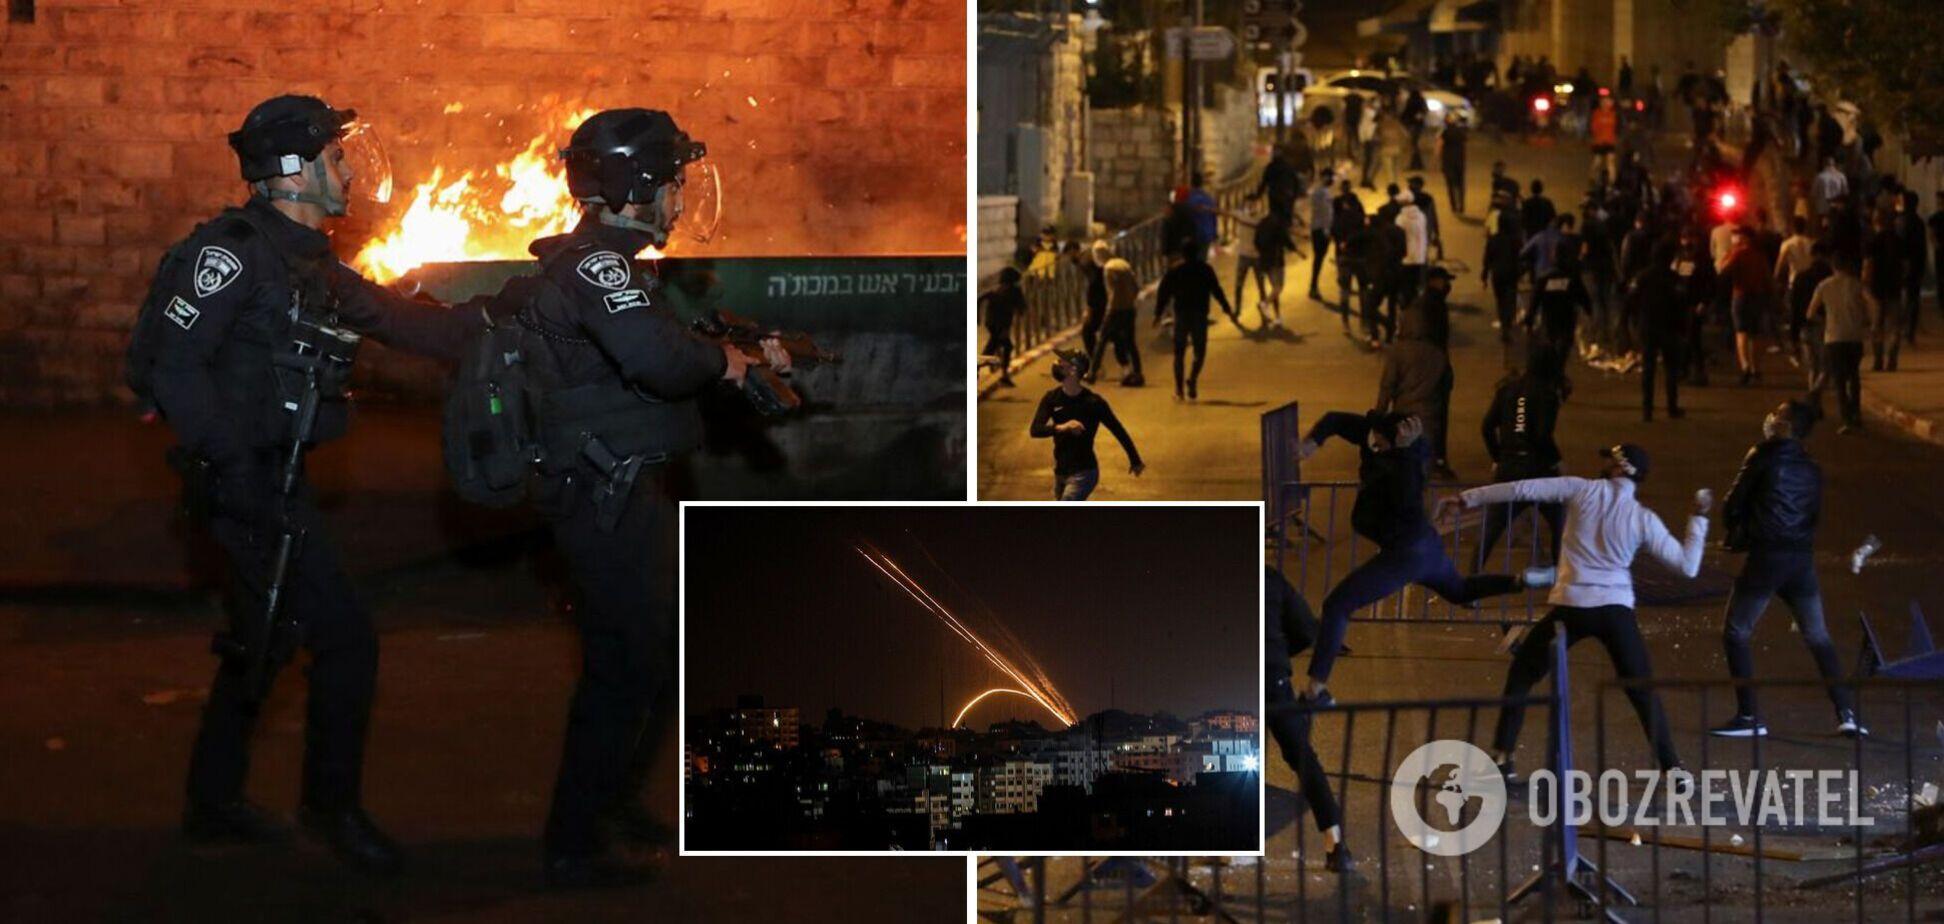 В Израиле разгорелись противостояния, из сектора Газа запустили ракеты. Фото